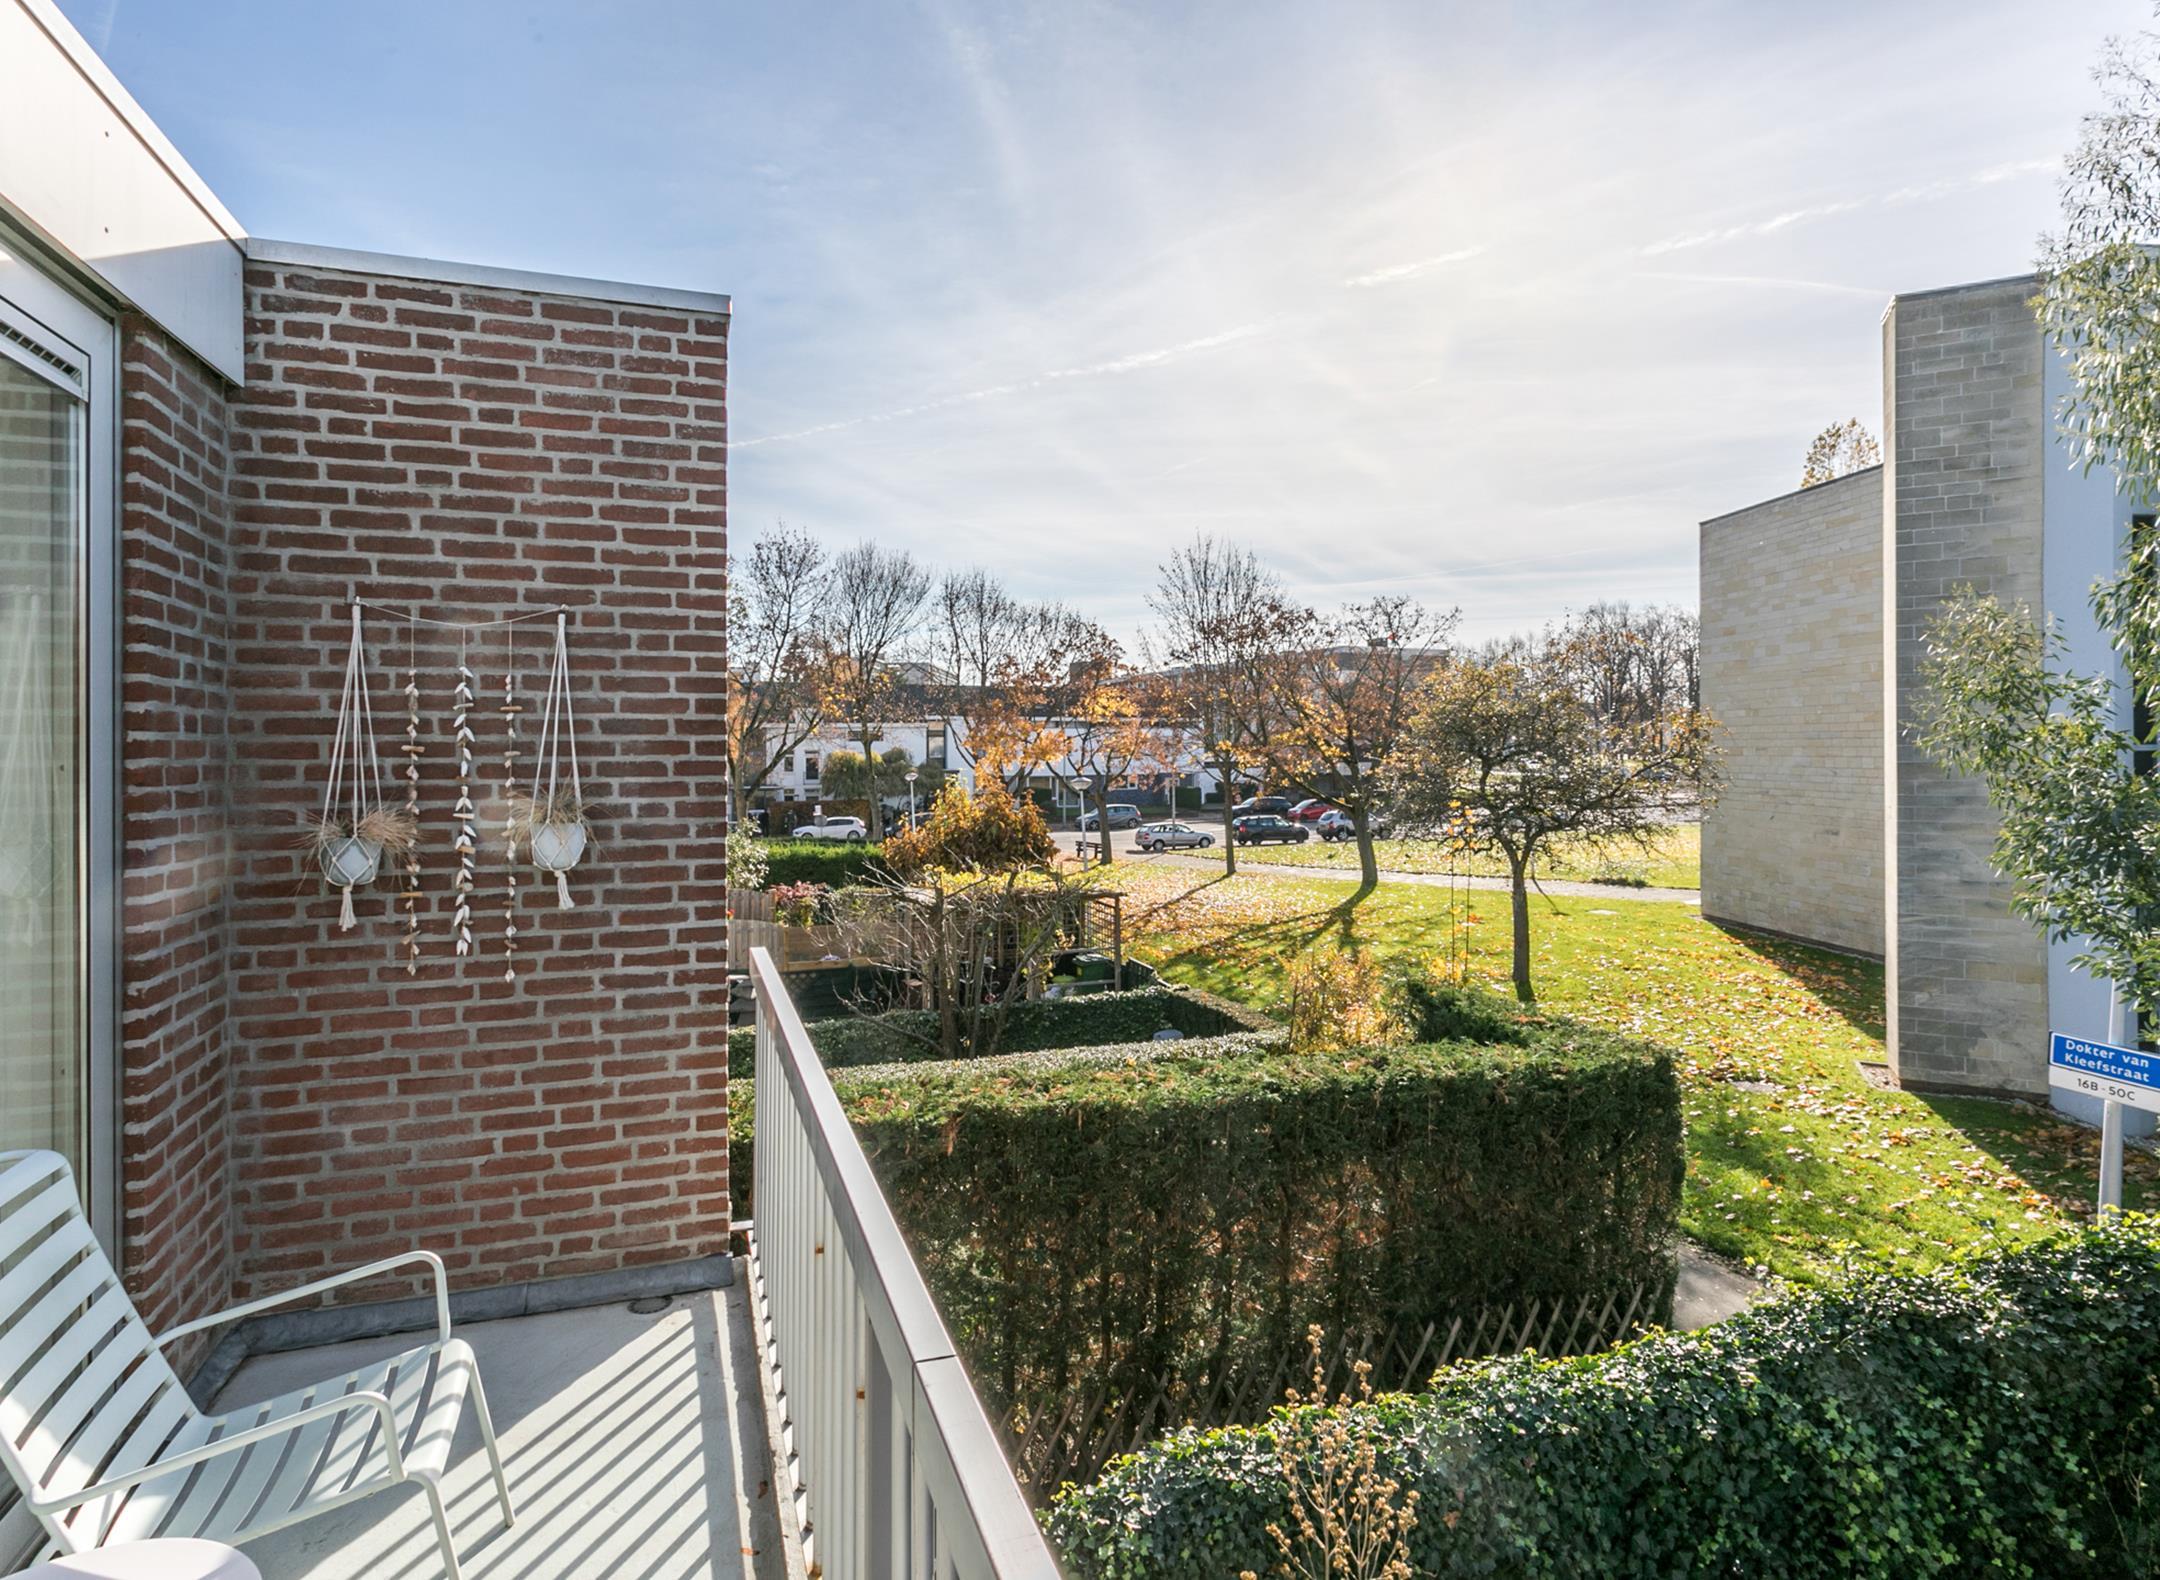 Dokter van Kleefstraat, Maastricht